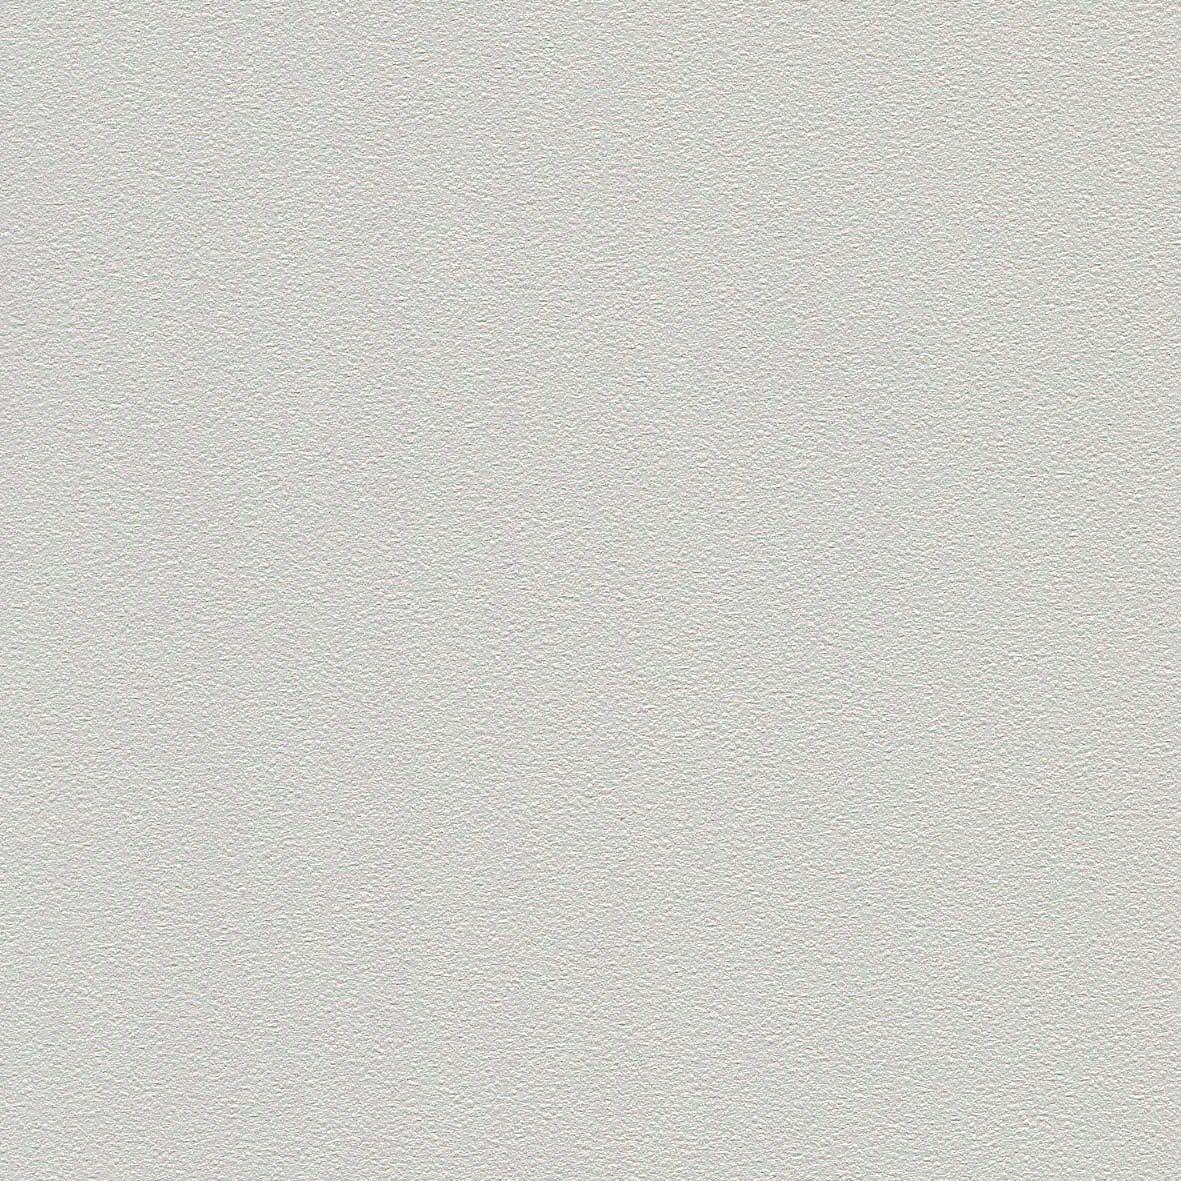 リリカラ 壁紙24m シンフル 石目調 ベージュ スーパー強化+汚れ防止 LW-2319 B07613DYFJ 24m|ベージュ3